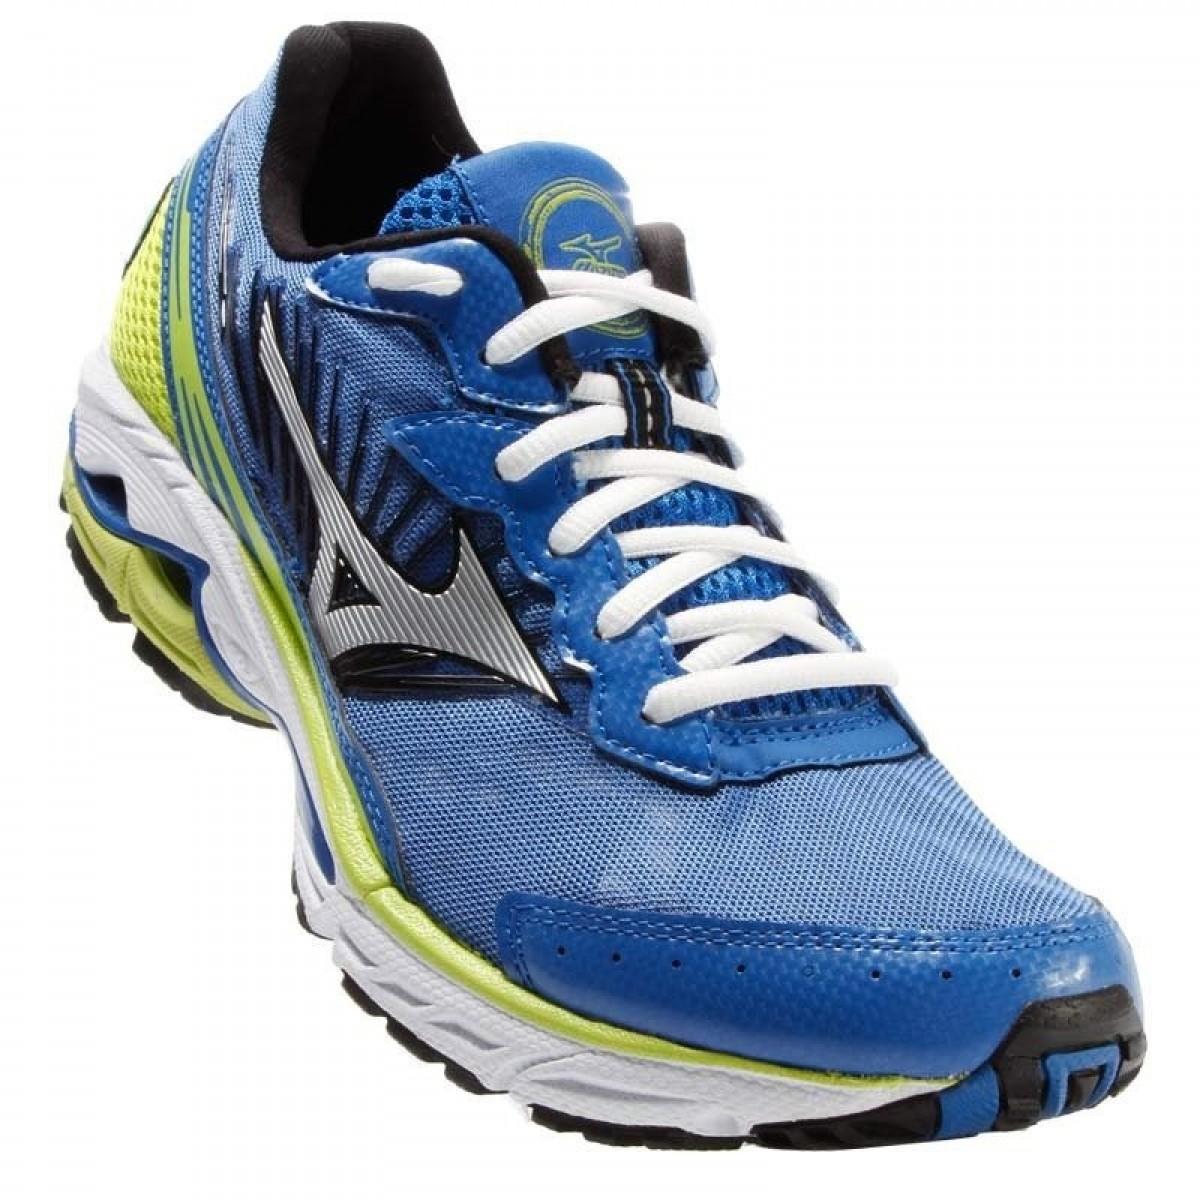 e90d21f67a Tênis Masculino Mizuno Wave Prorunner 16 Azul e Verde - Compre Agora